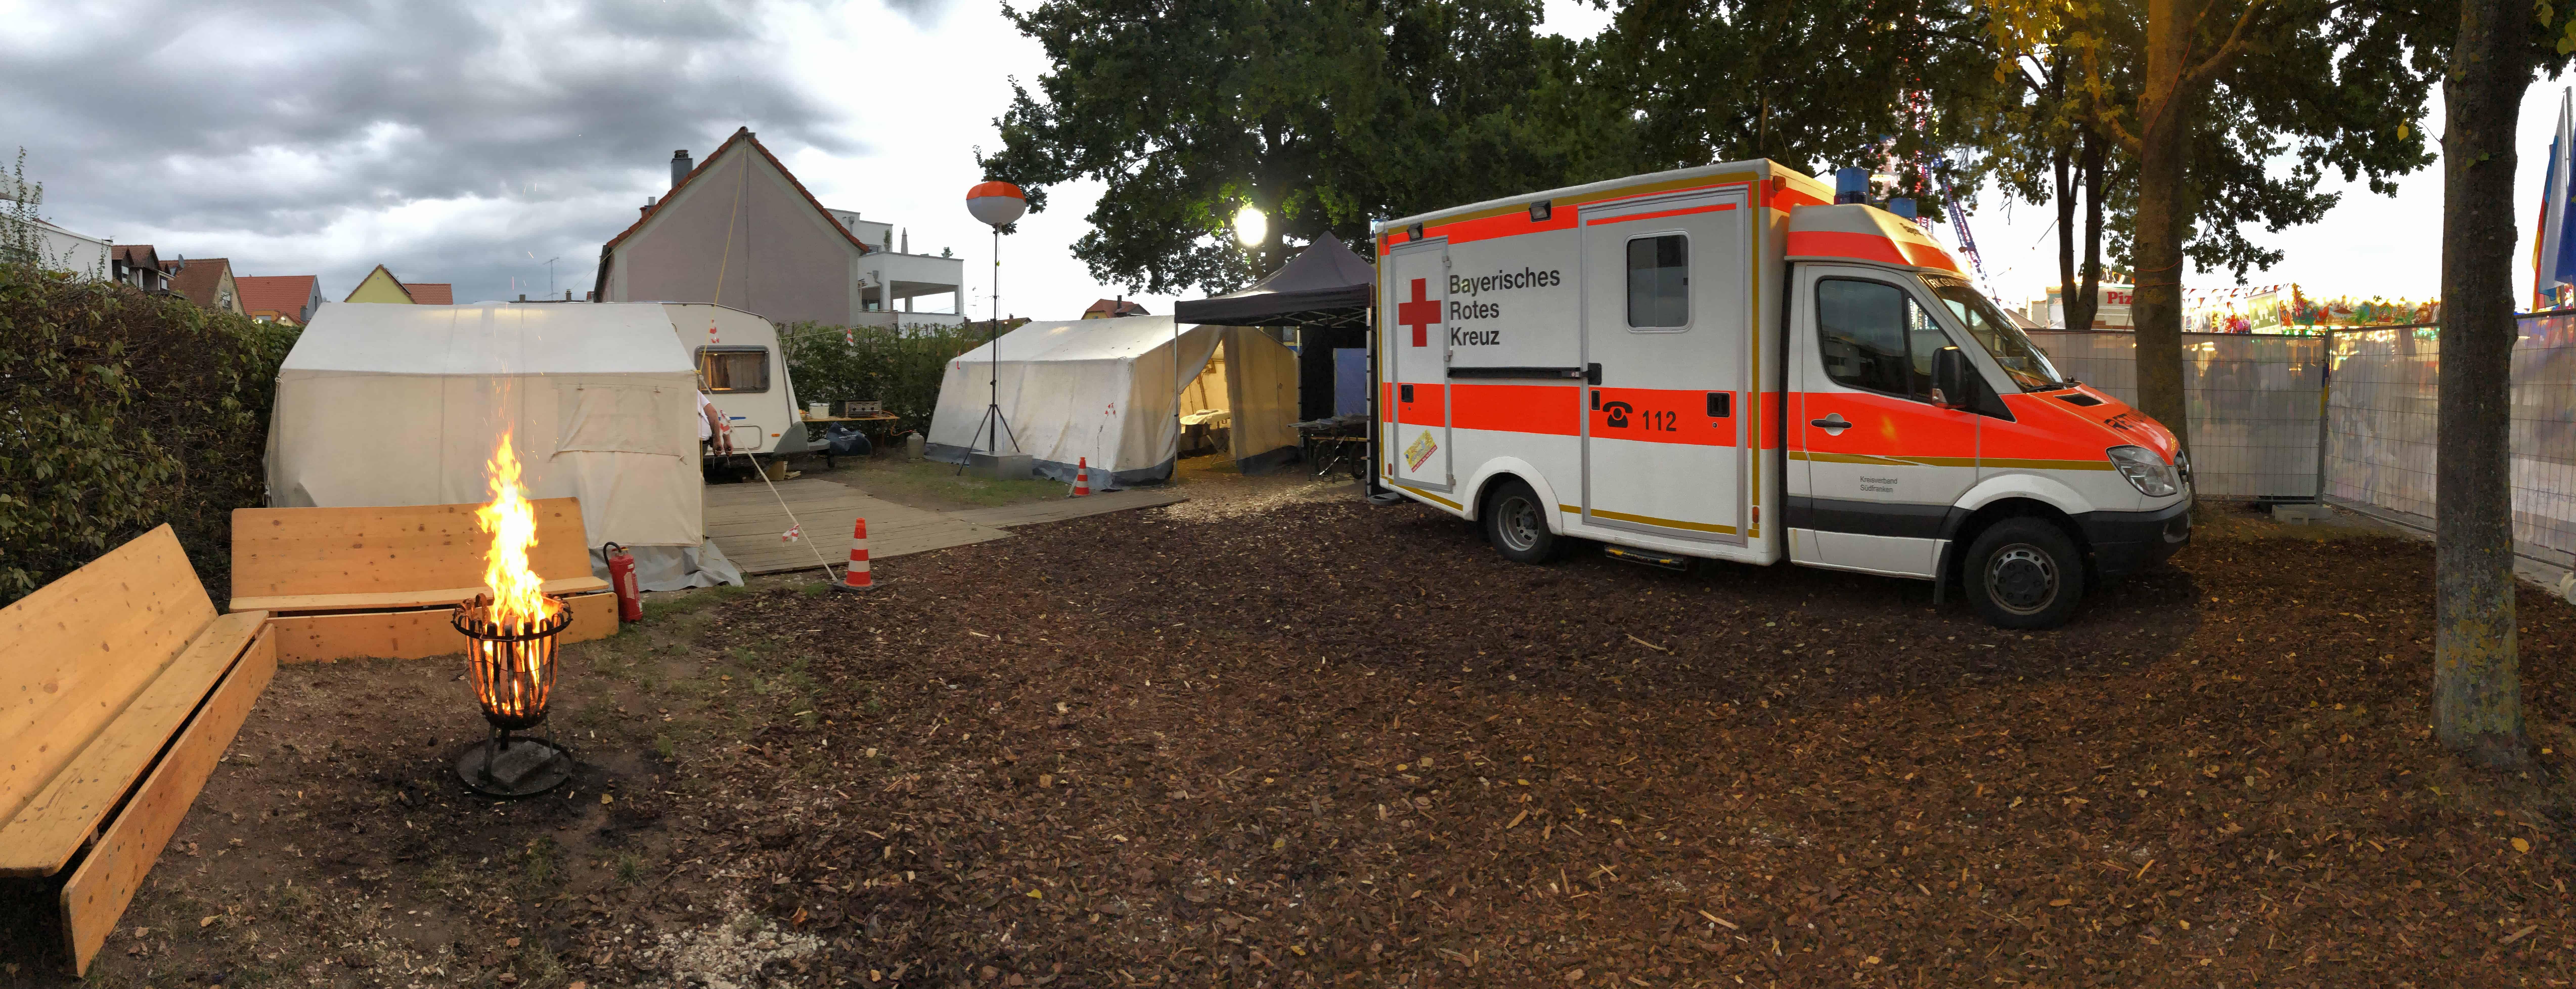 Die Sanitätsdienstwache auf der Kirchweih Gunzenhausen